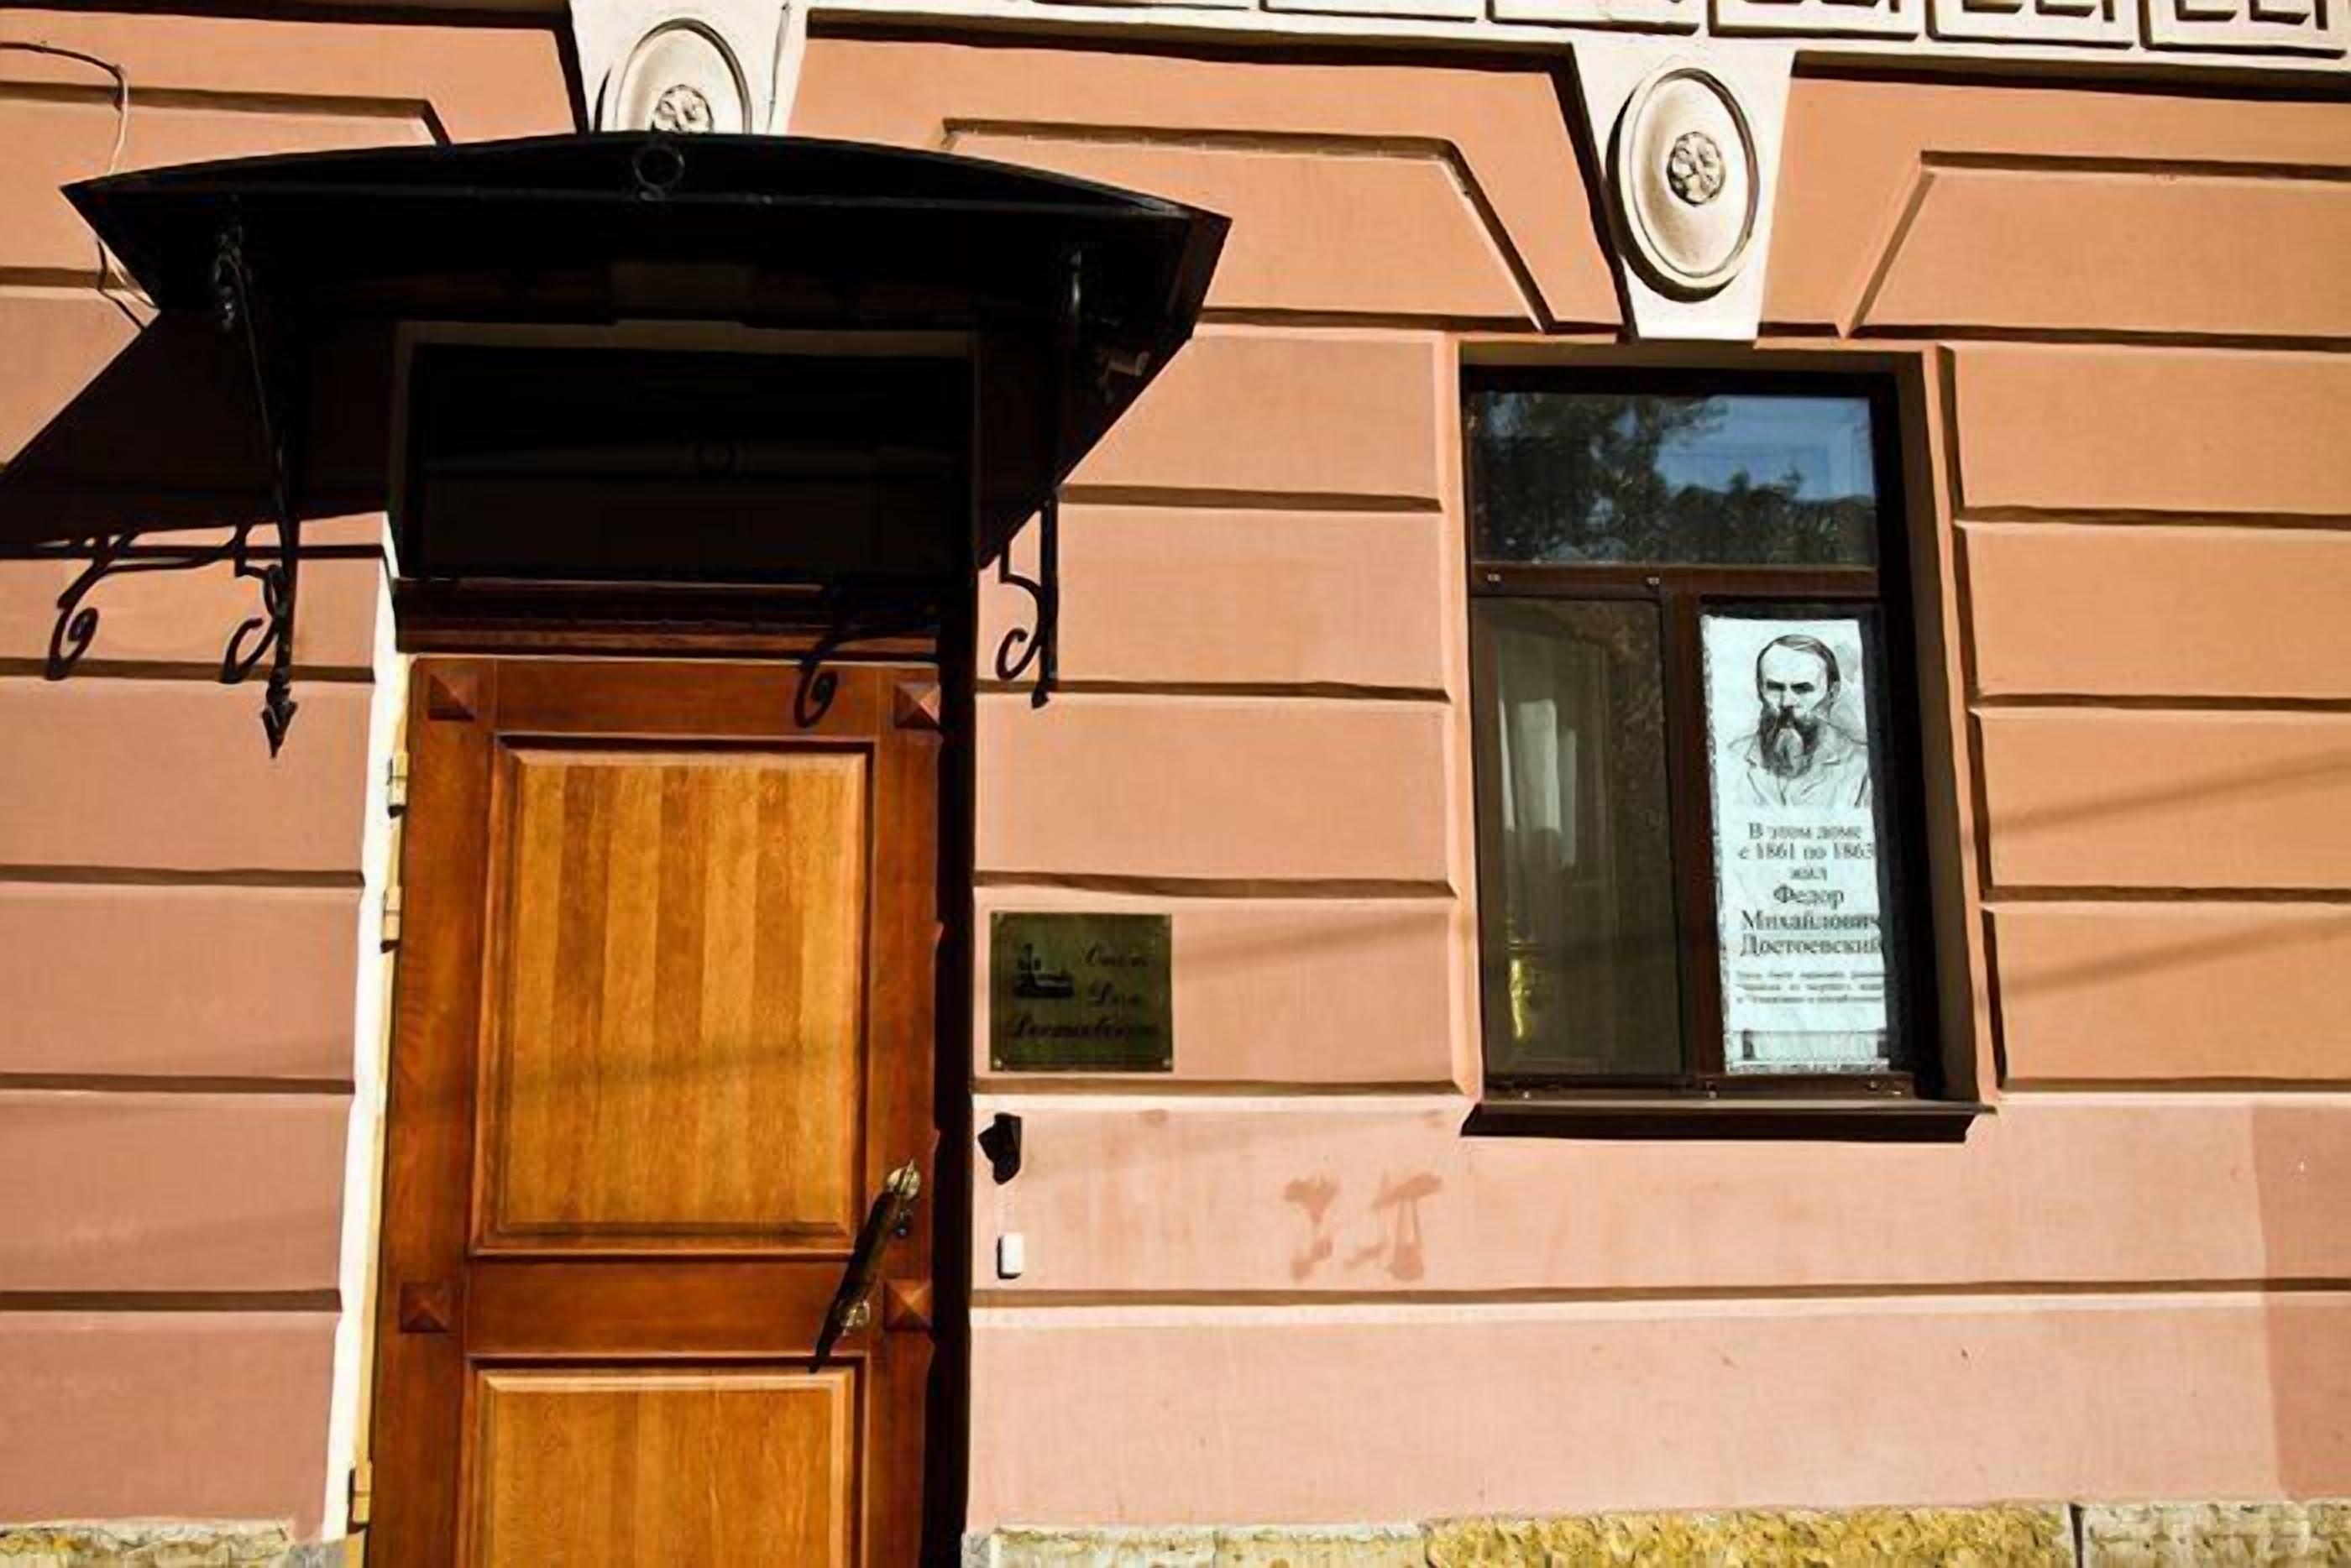 Dom Dostoevskogo Hotel